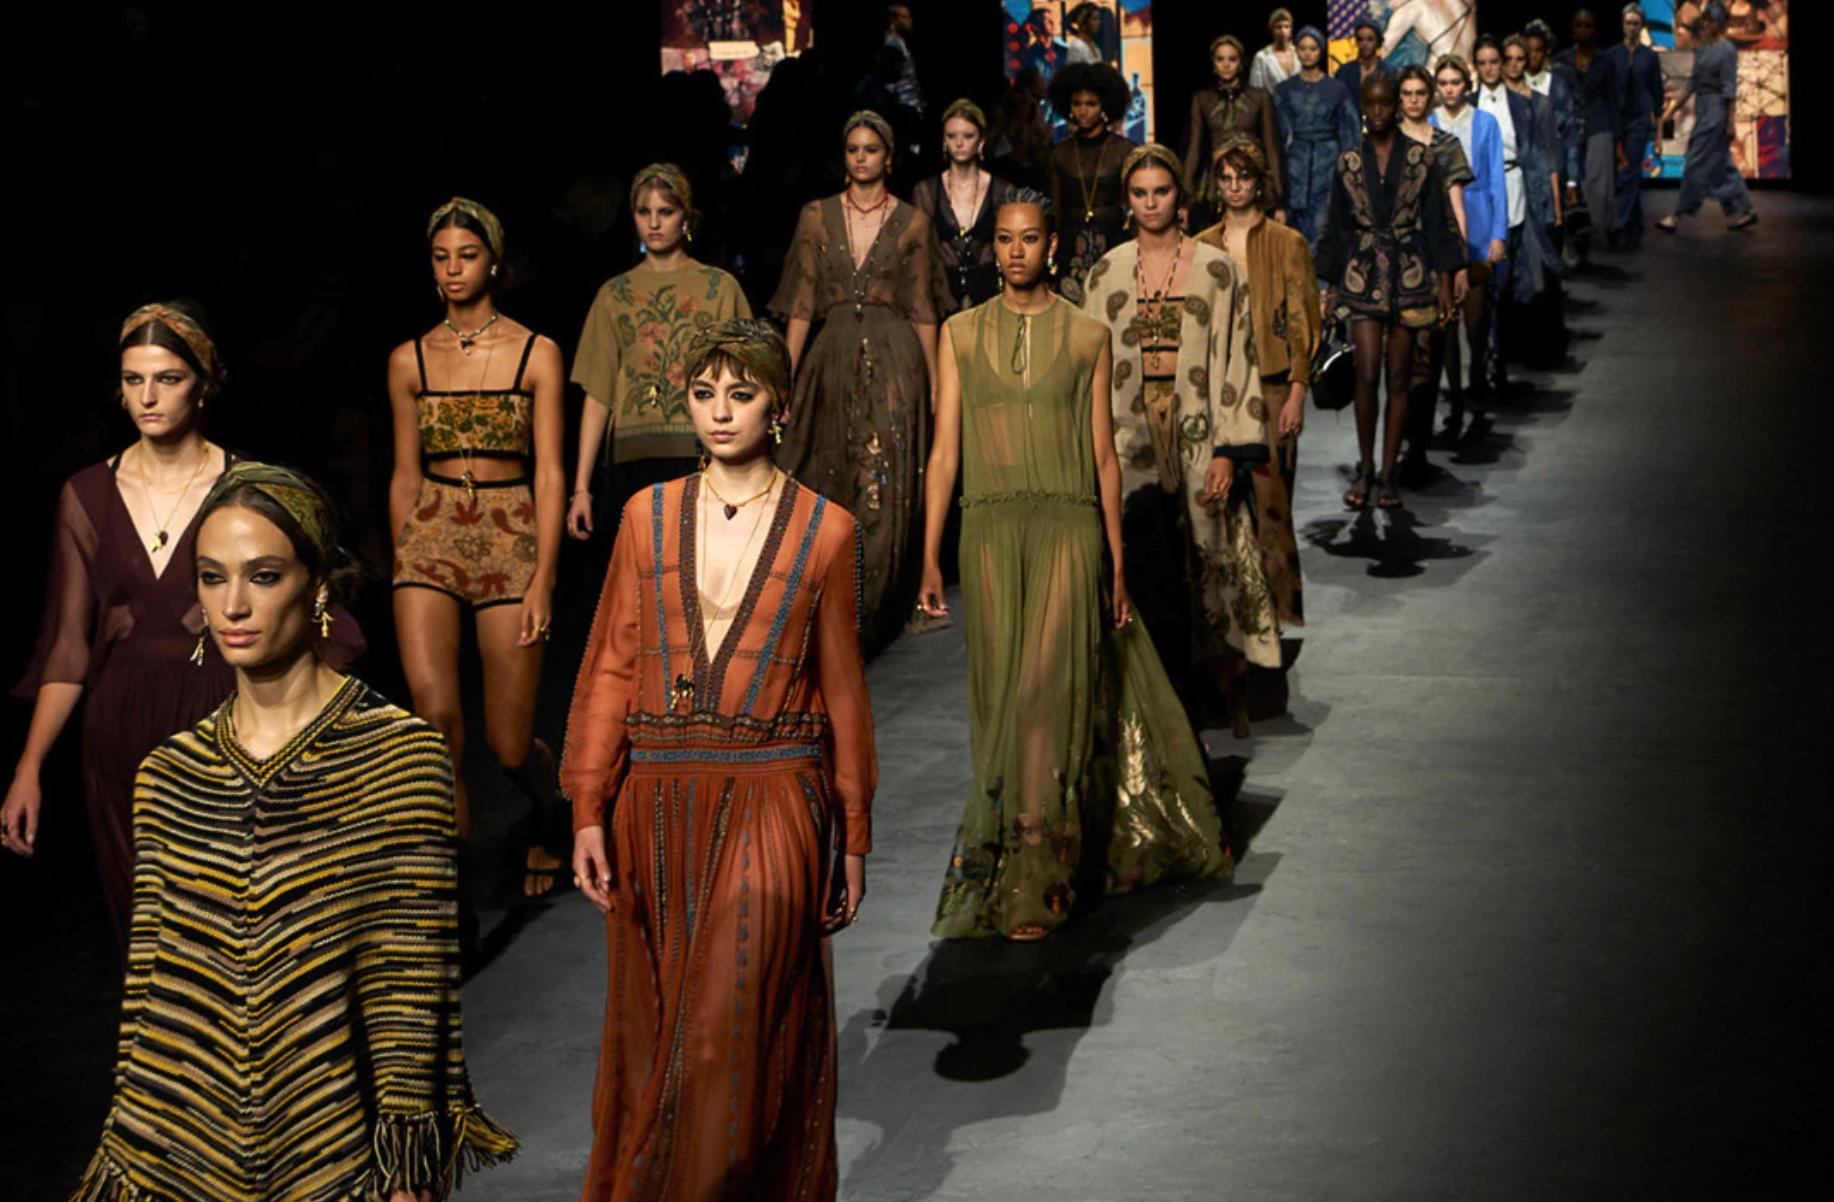 流媒体新纪录:Dior 巴黎时装周大秀观看量近一亿